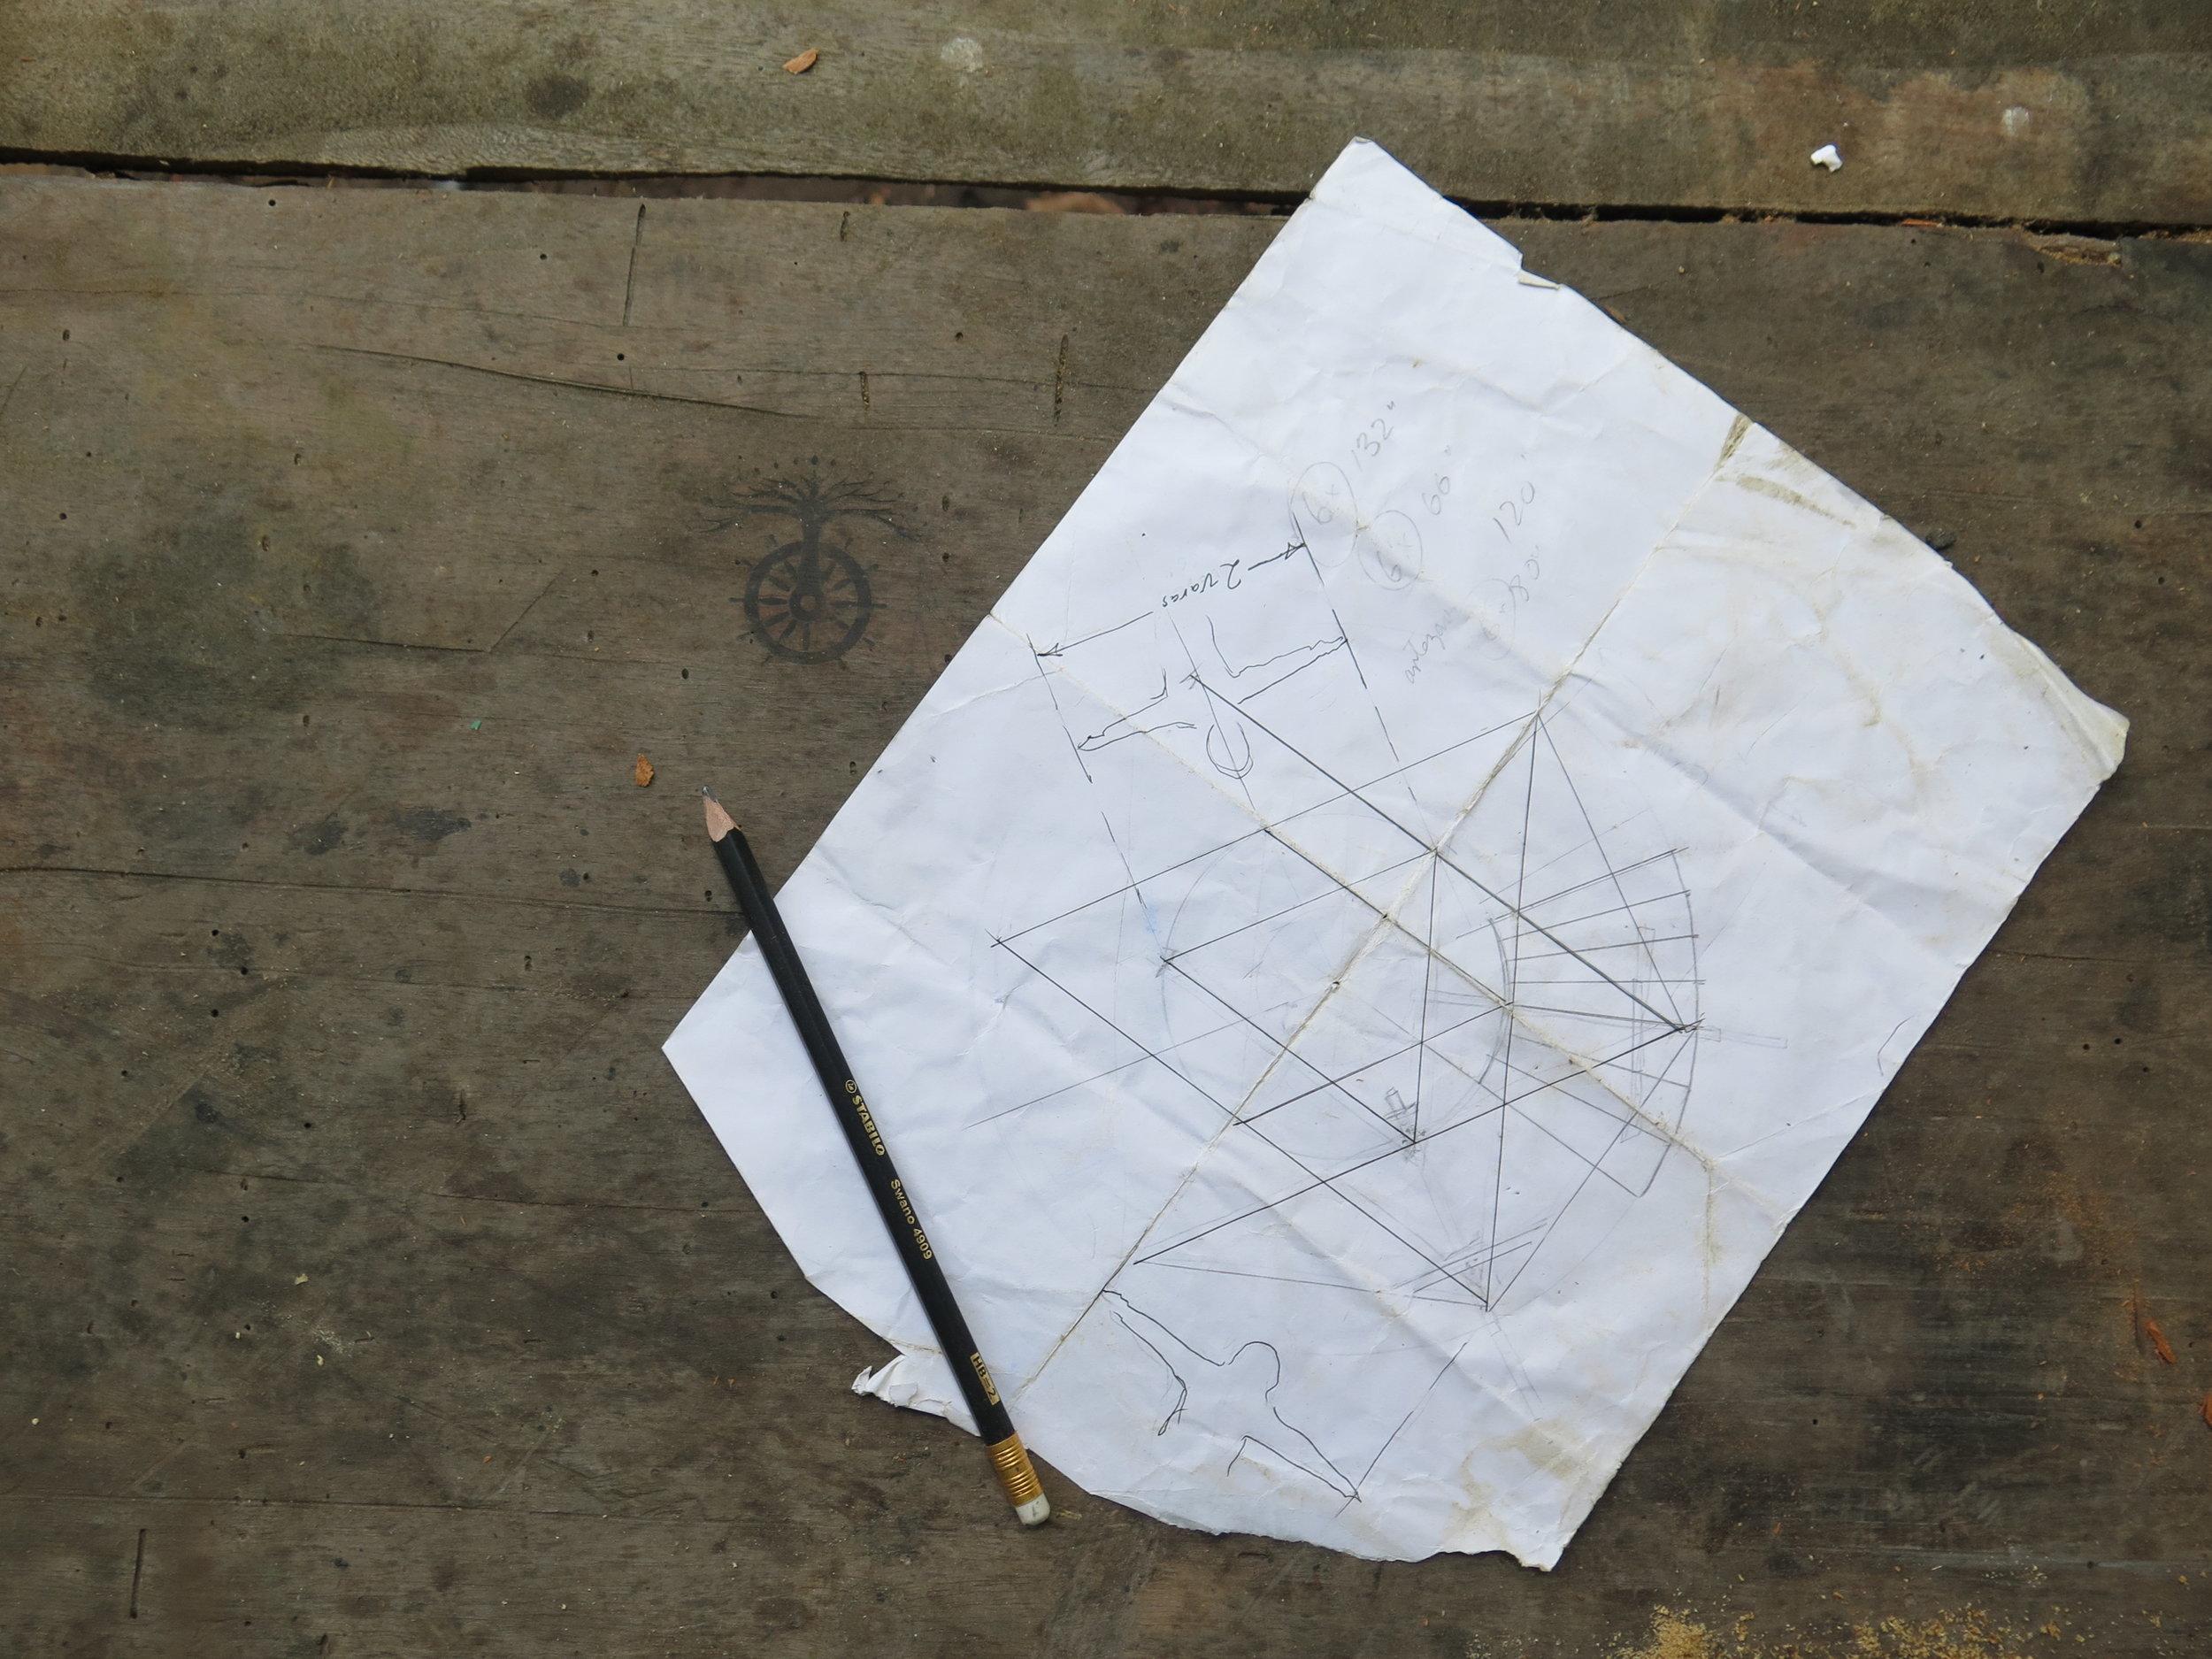 Floorplan for Treehouse Design 4.0